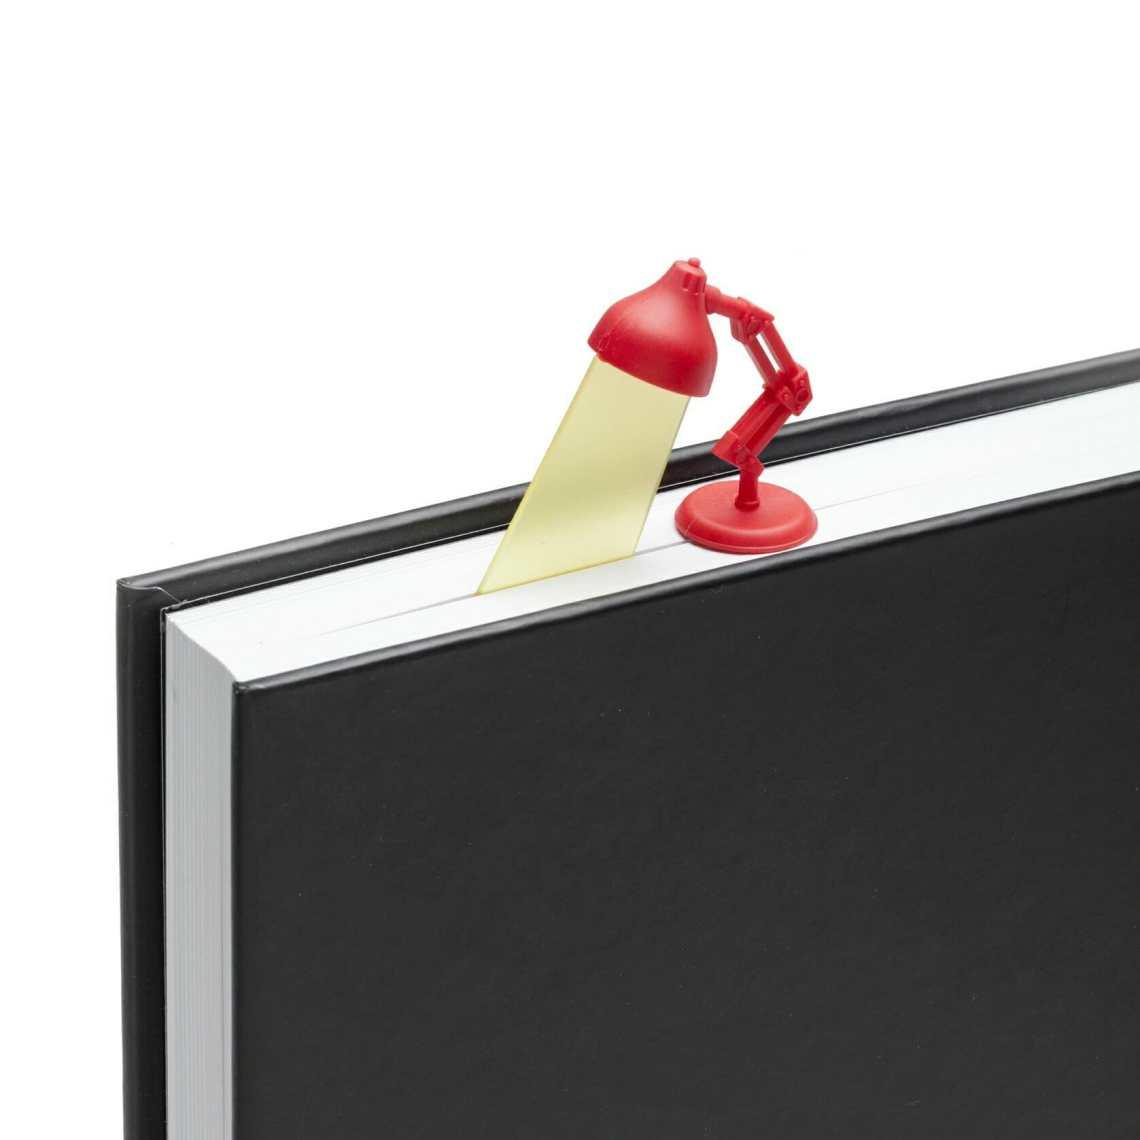 leeslamp boekenlegger bedrukken relatiegeschenk idee